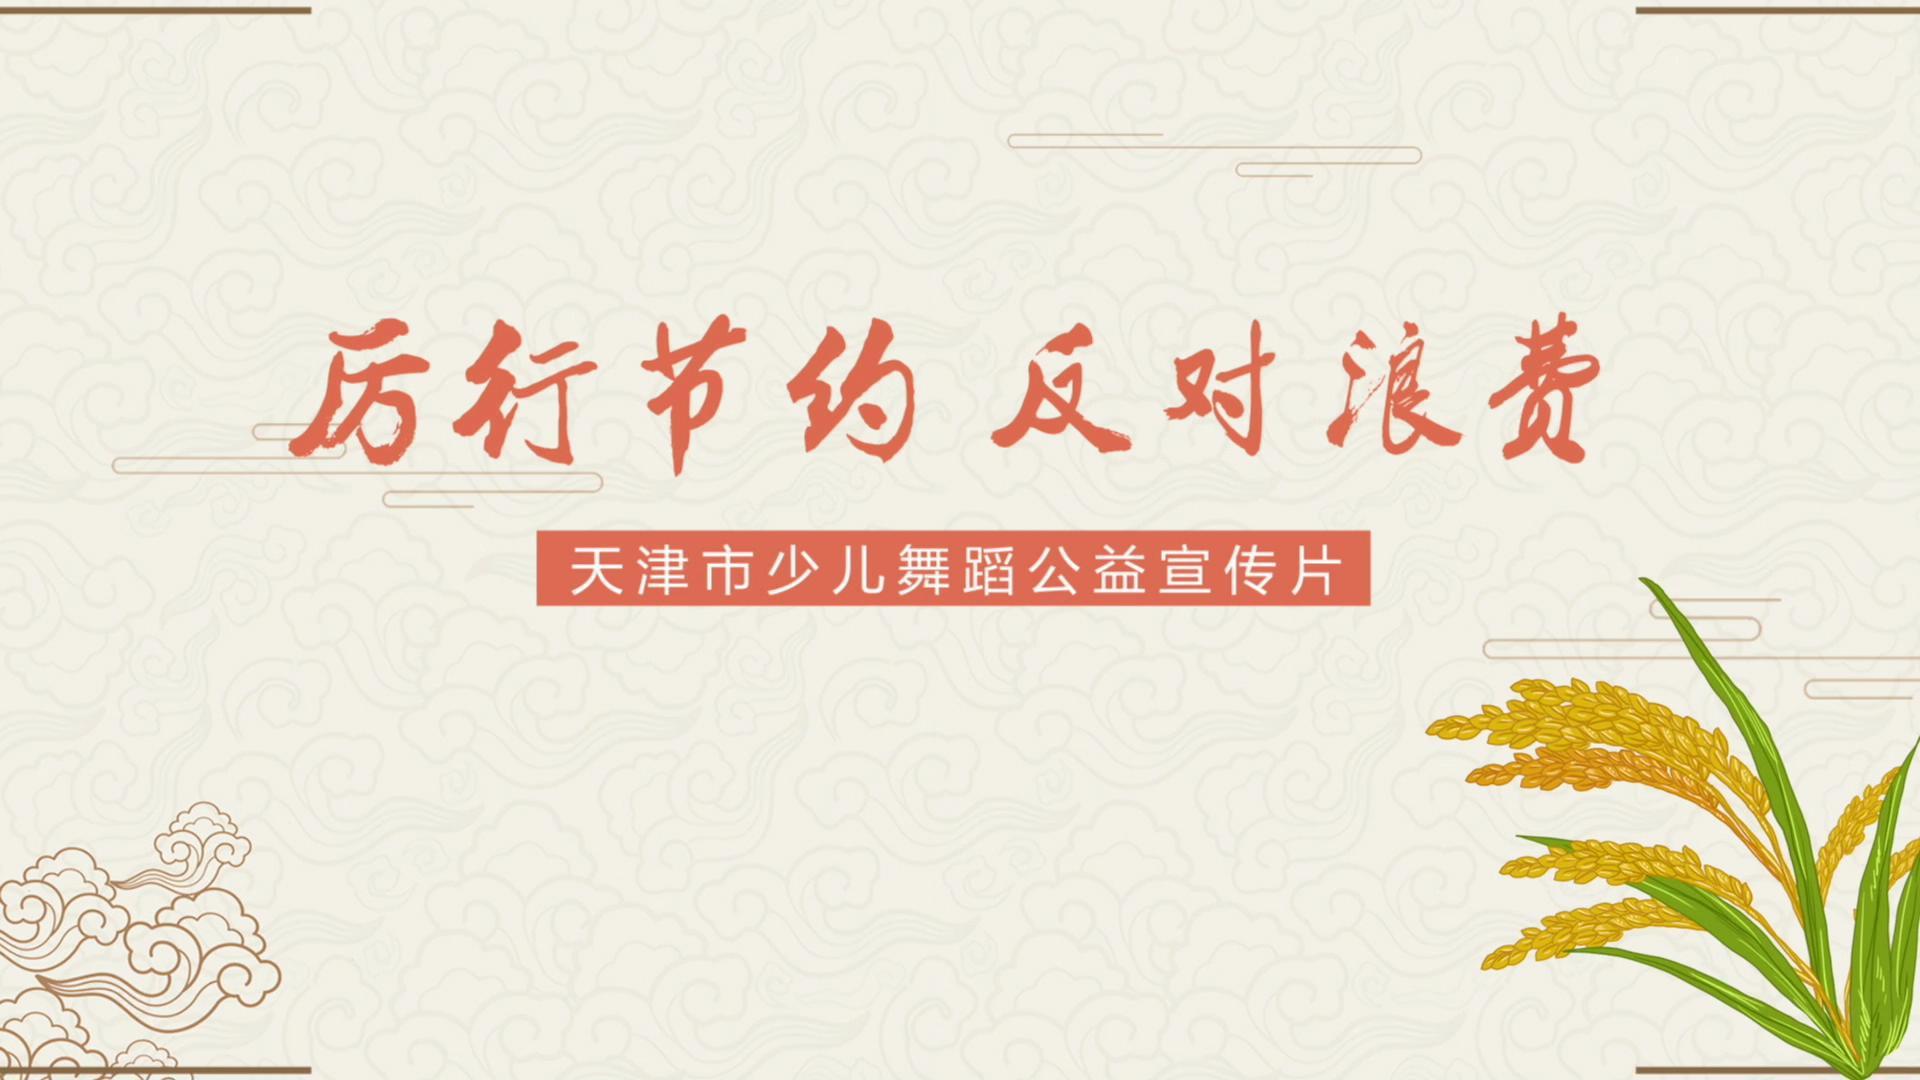 表演者来自:春芽舞蹈学校_20200925151807.JPG